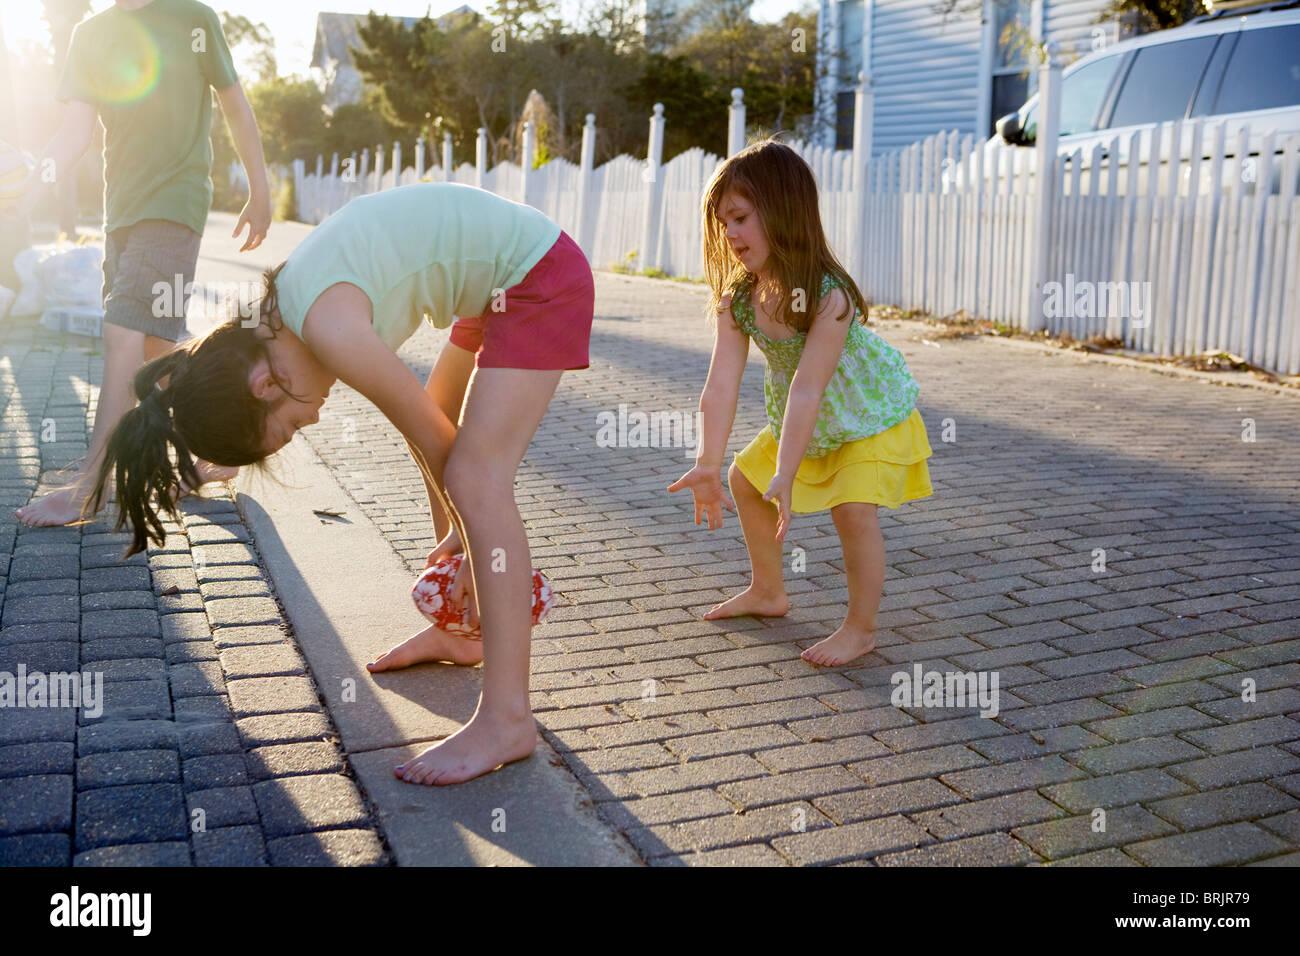 Deux petites filles jouent au football dans une ruelle avec le soleil en arrière-plan. Photo Stock